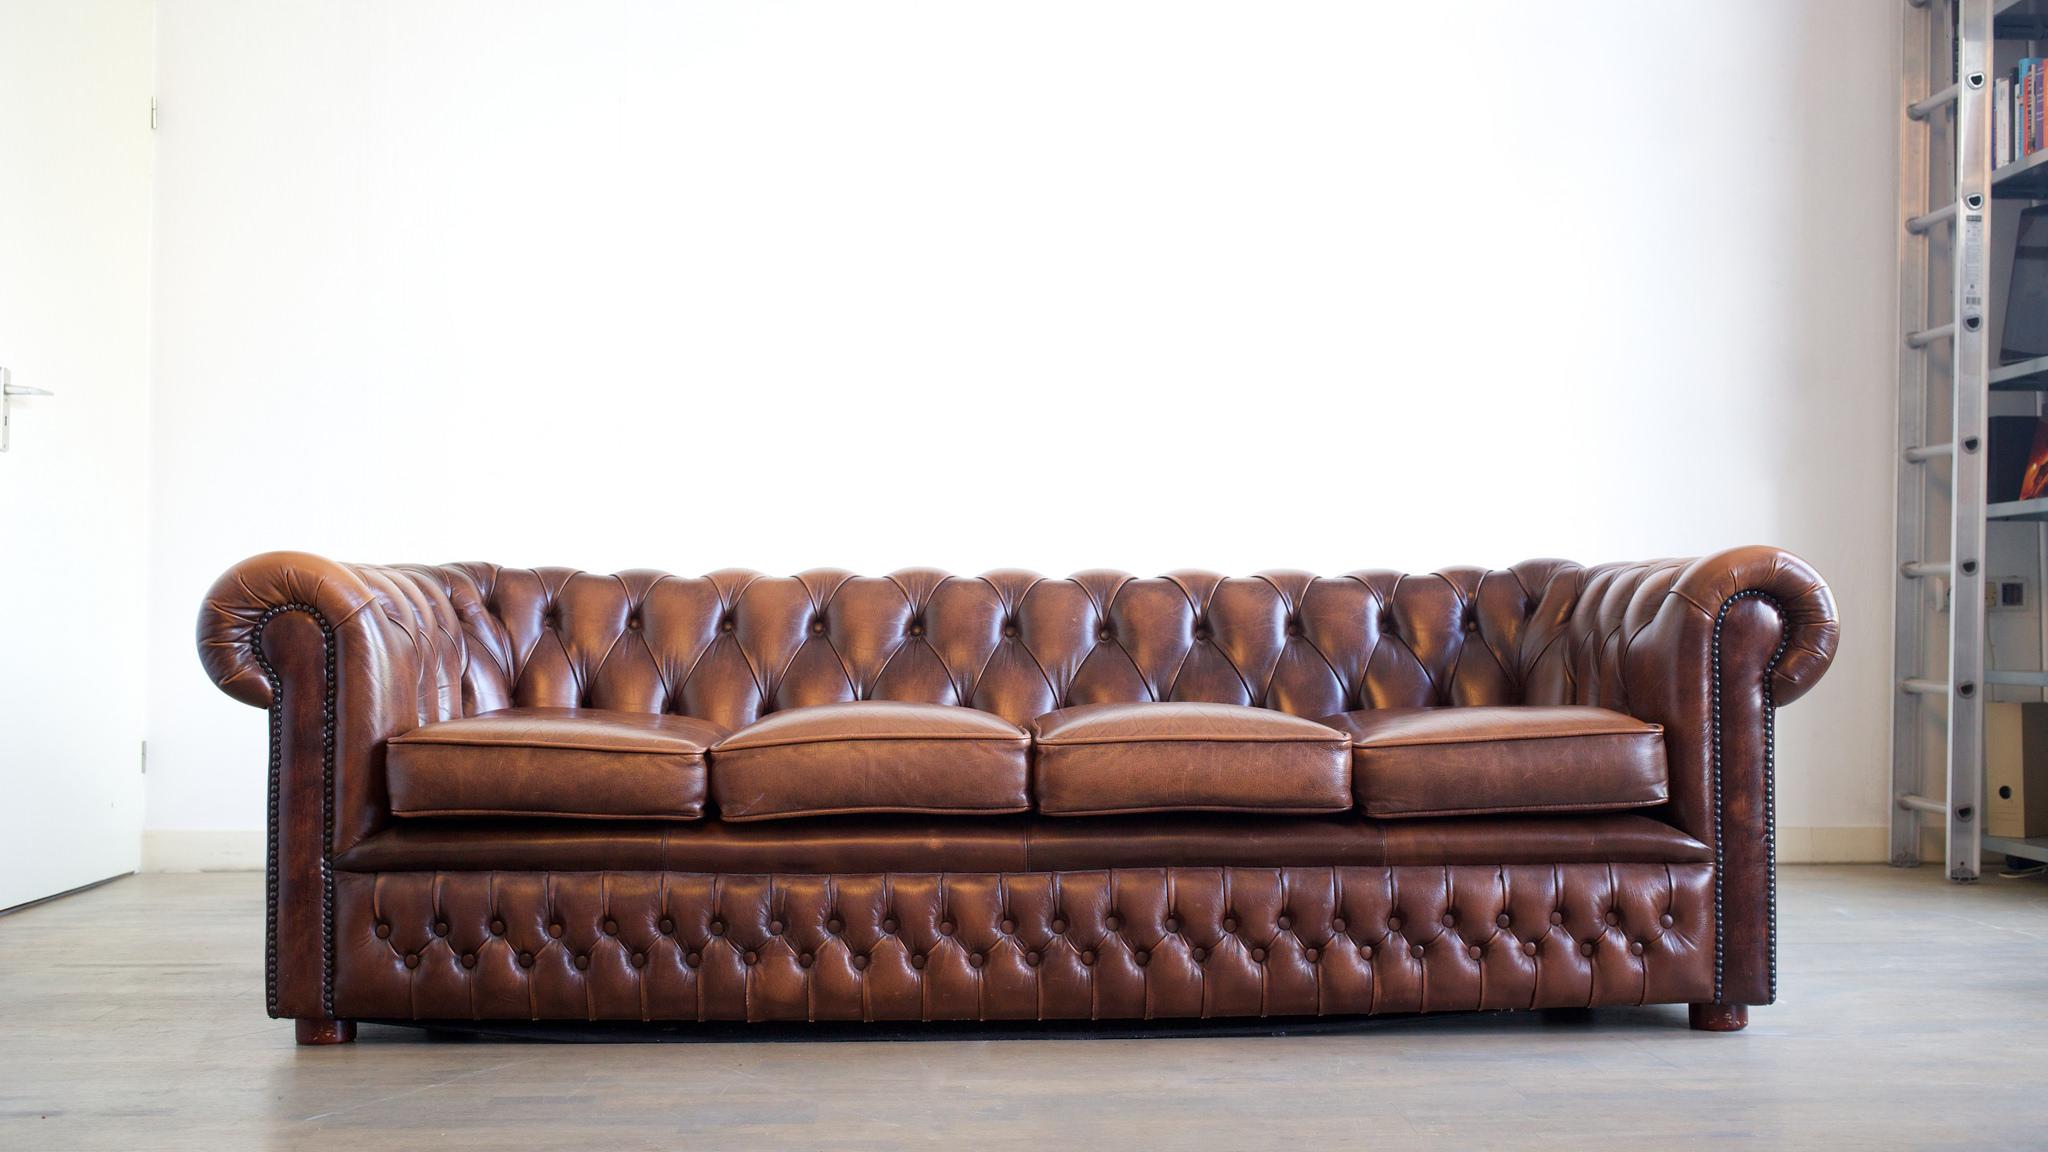 Full Size of Welche Sofa Typen Gibt Es Eine Bersicht Fr Den Sofakauf Big Mit Hocker Chesterfield Leder Kaufen Hersteller L Form Schlaffunktion Türkis Luxus Ausziehbar Home Sofa Sofa Englisch